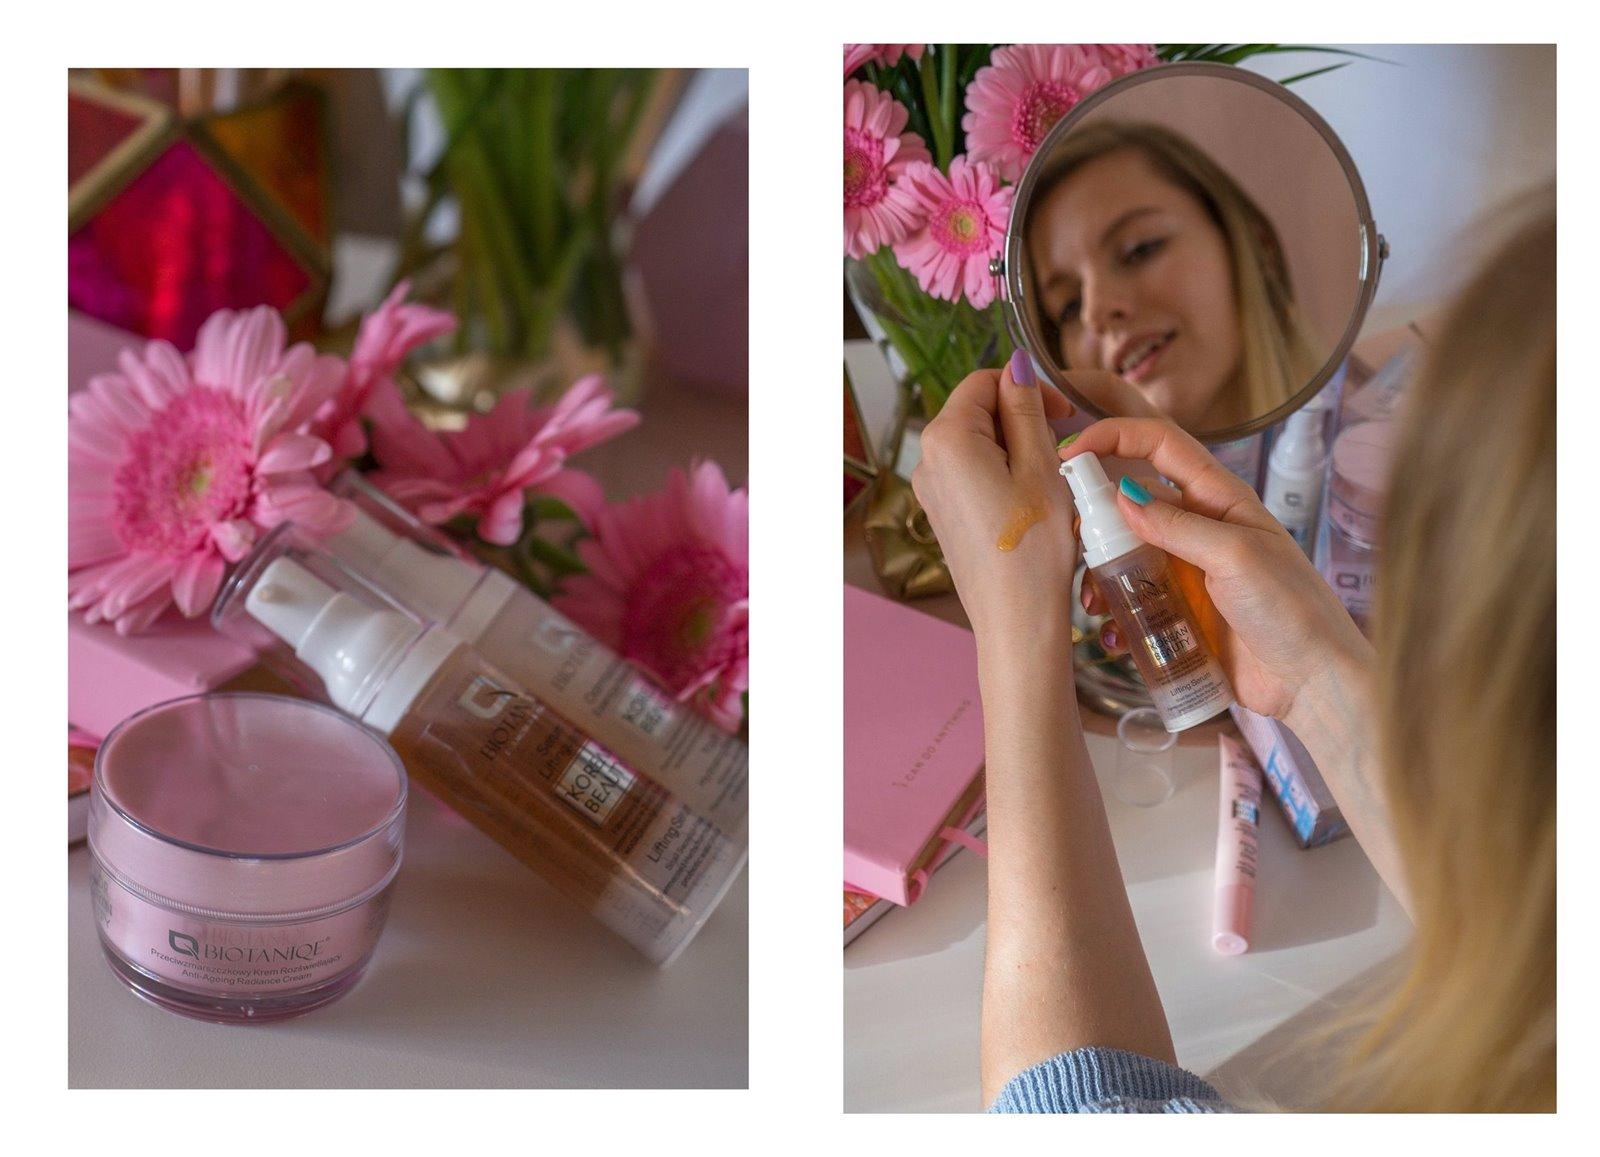 6A biotaniqe koreańska pielęgnacja krok po kroku w jakiej kolejności nakładać kosmetyki jak dbać o cerę koreańskie kosmetyki kremy serum maski korean beauty instagram melodylaniella łódzka blogerka lifestyle